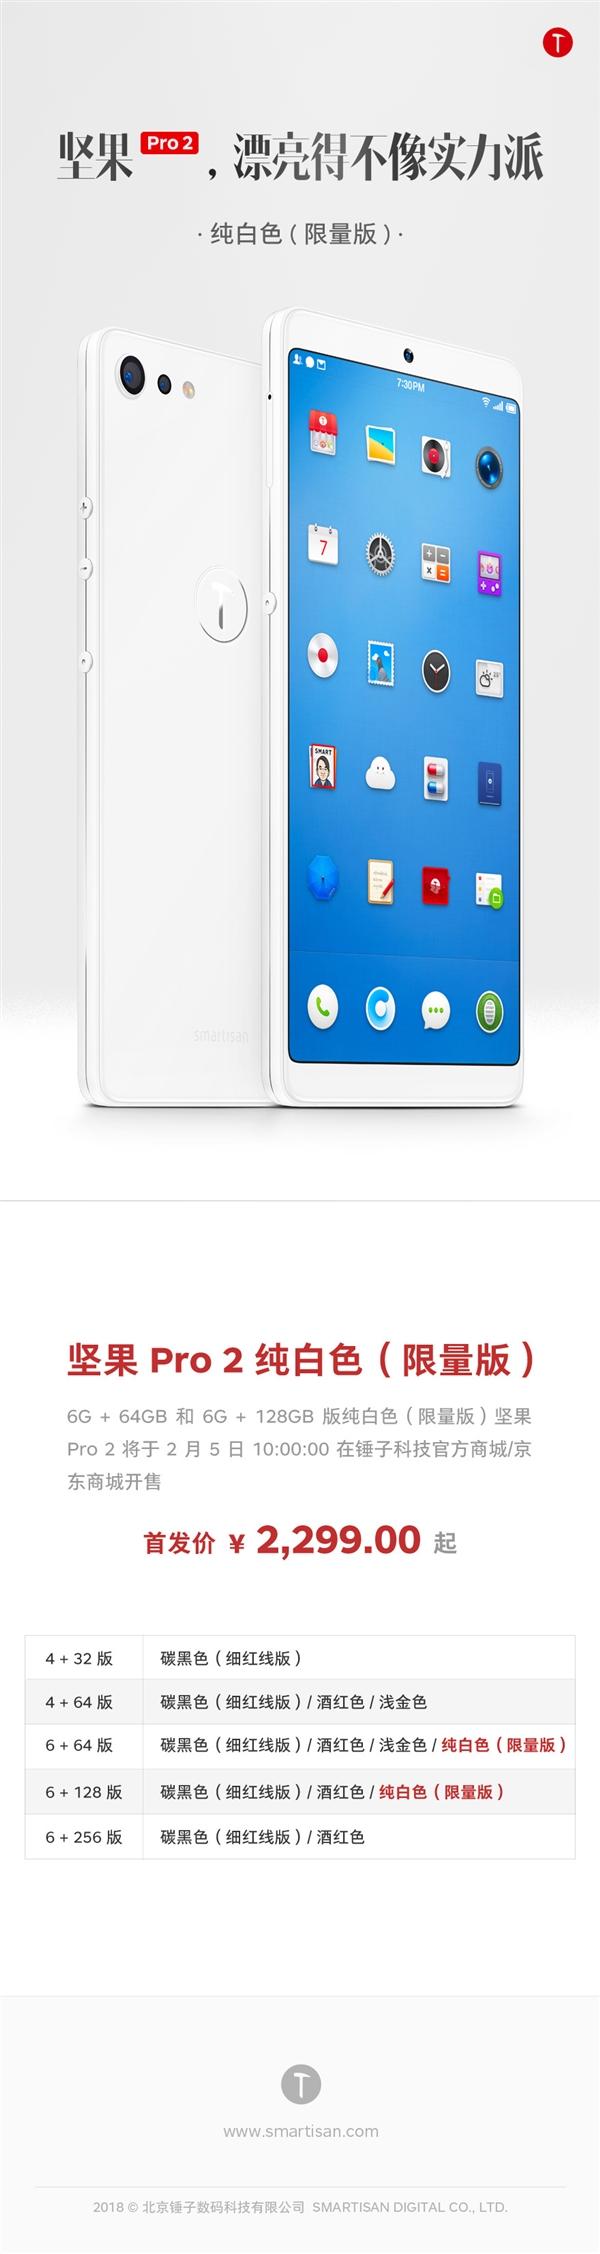 坚果Pro 2纯白色发布:搭载骁龙660 2299元起